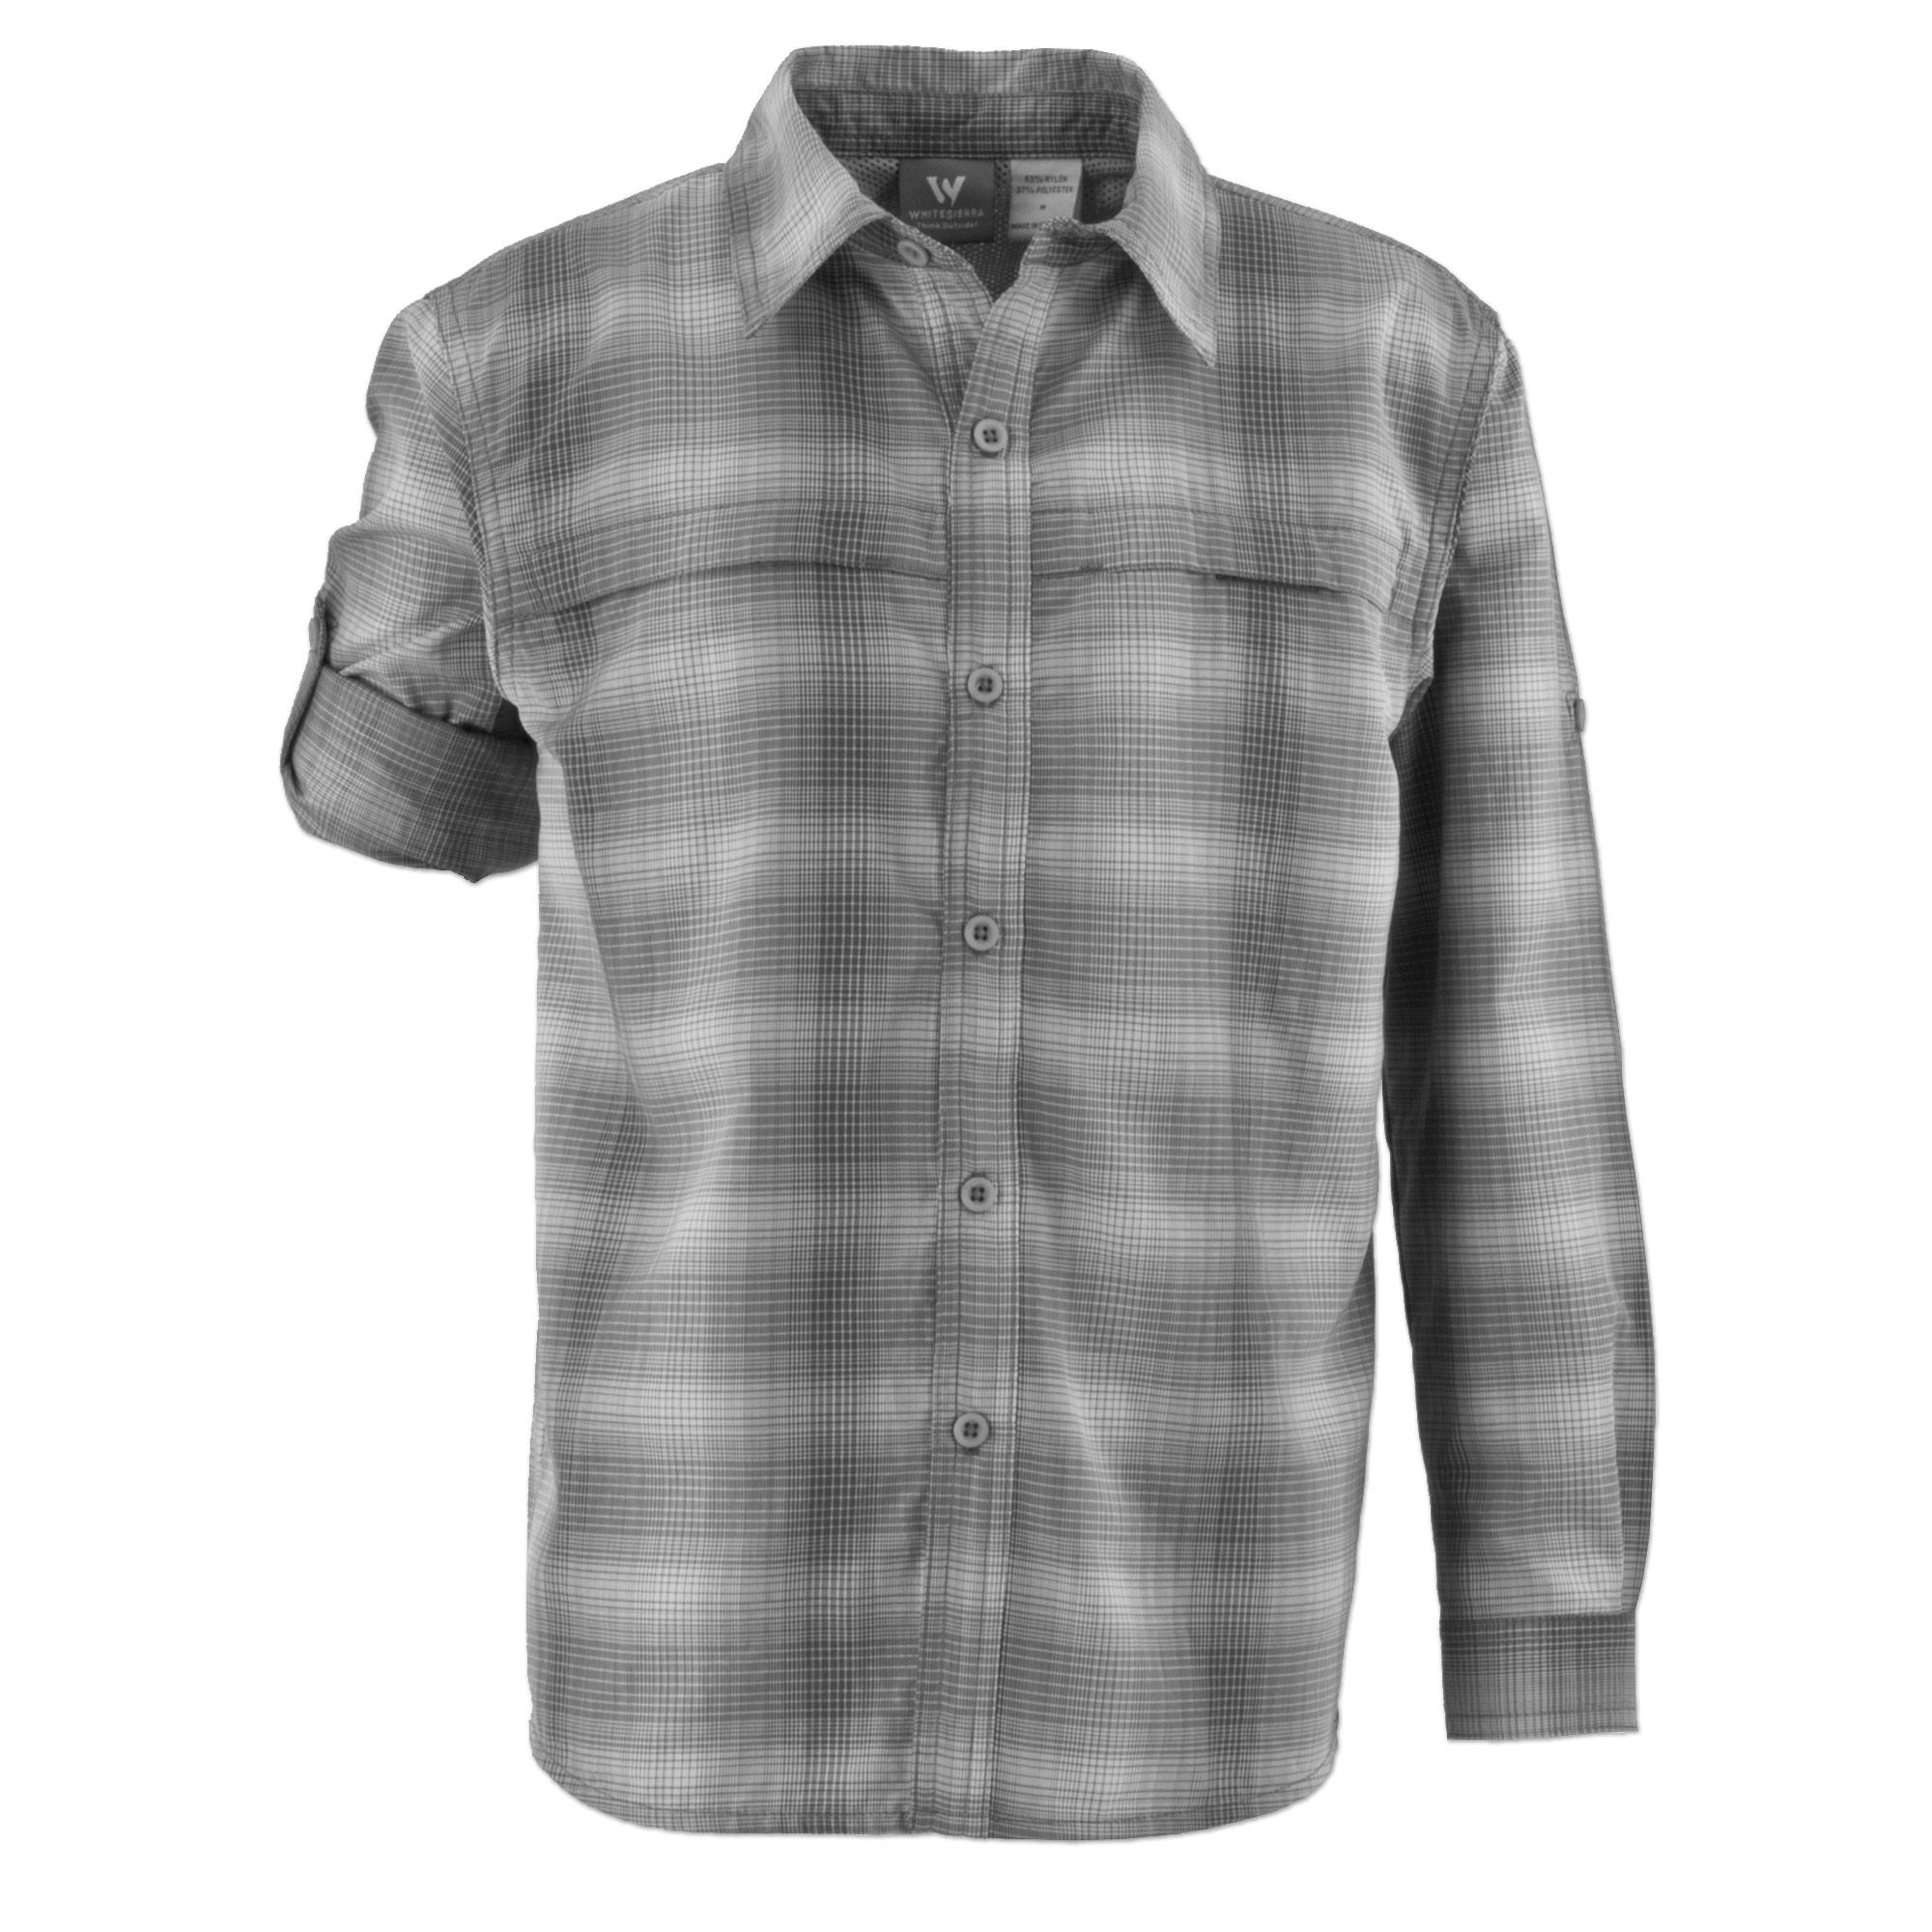 Boy's Tradewinds Long Sleeve Shirt